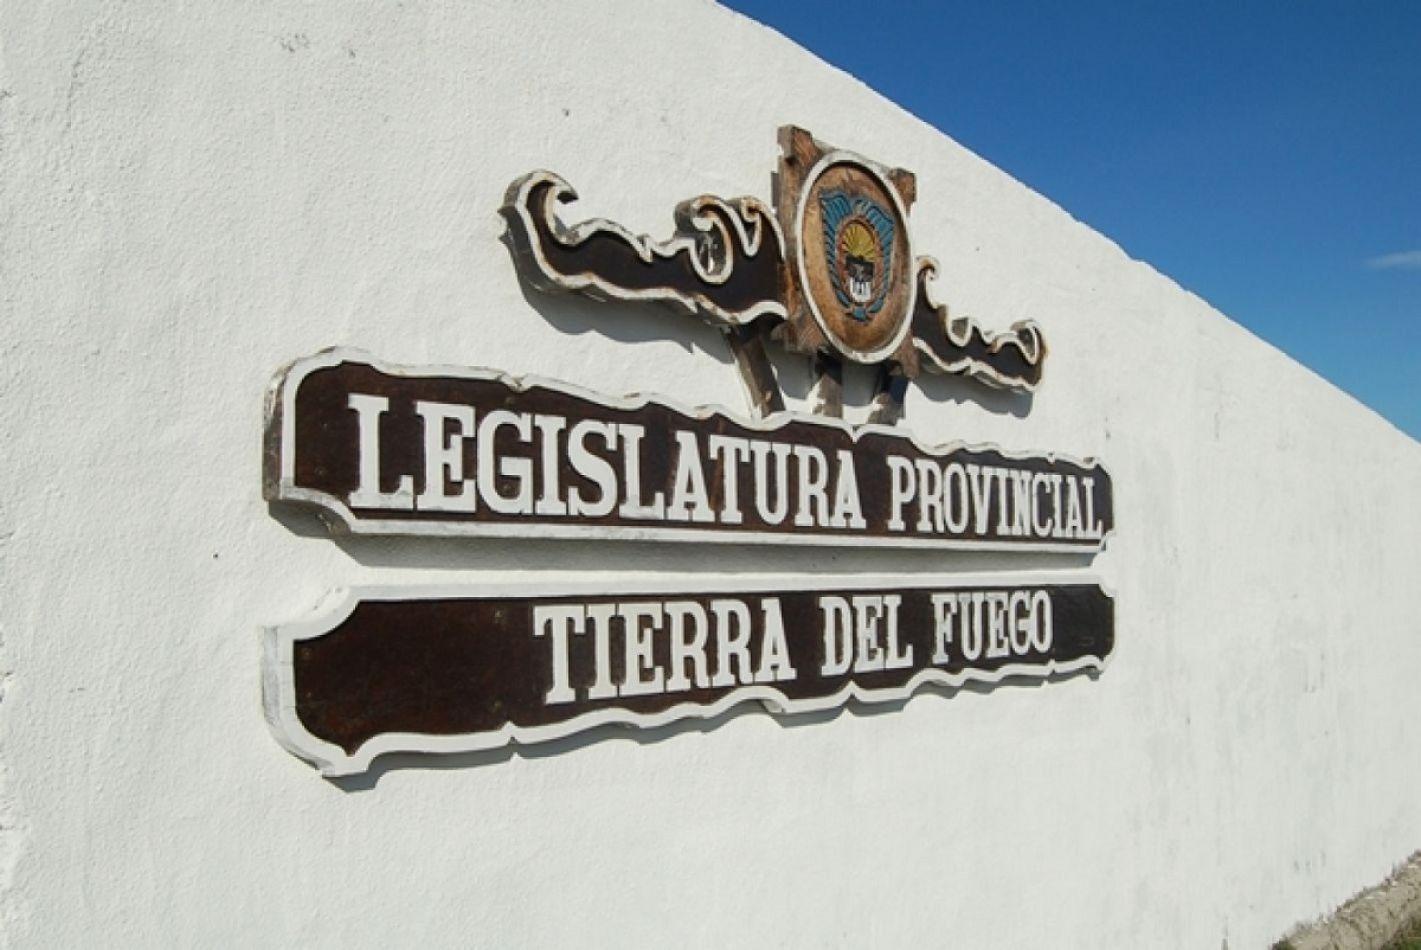 Legislatura: Nueva composición